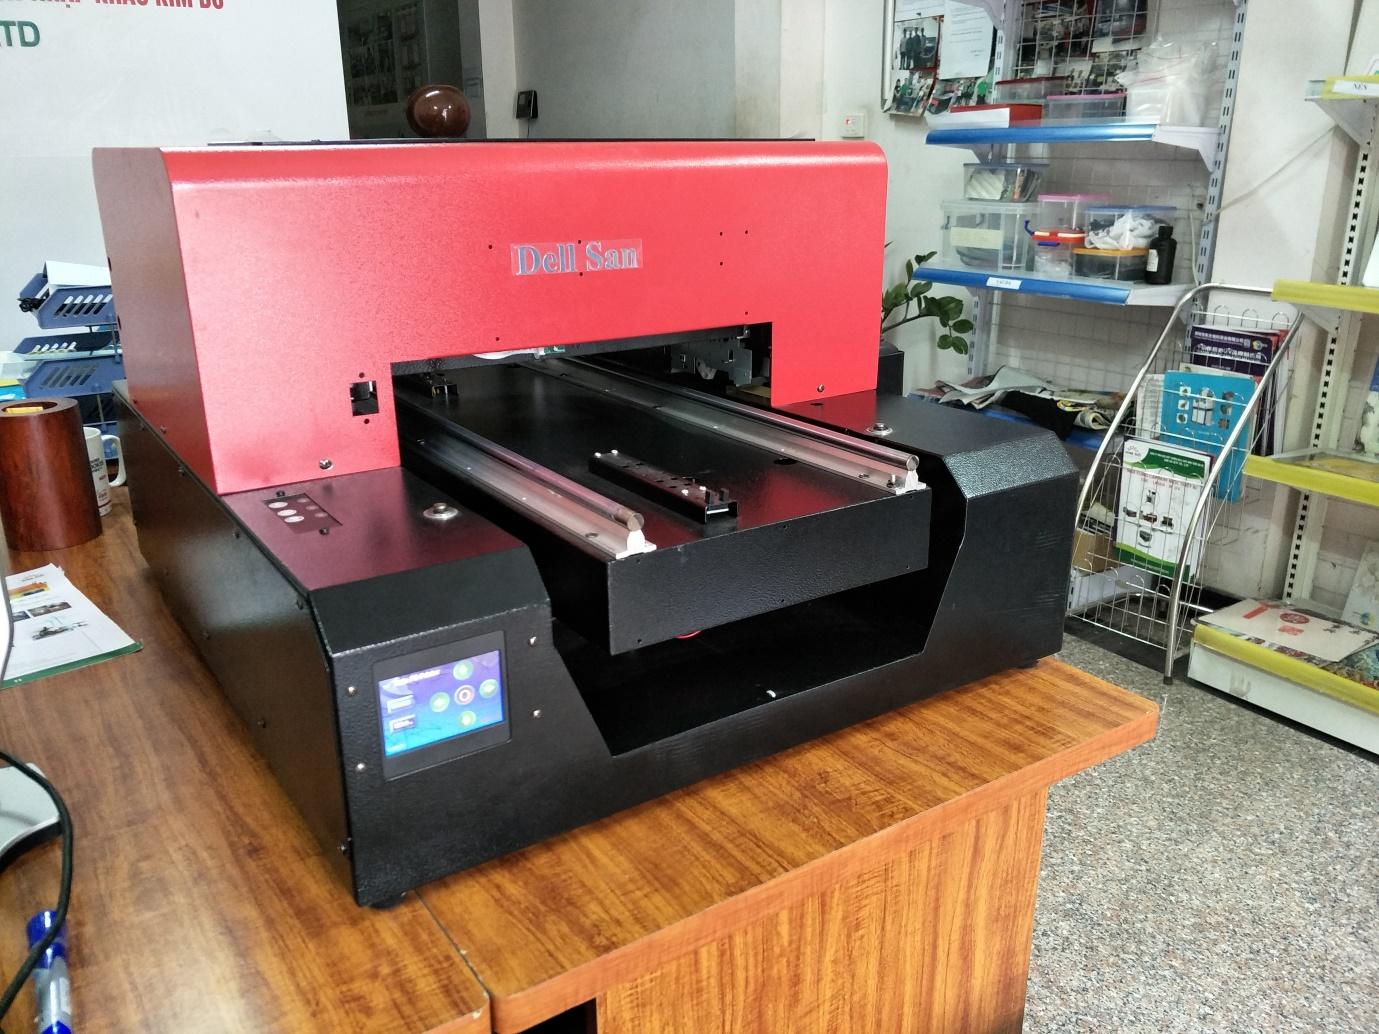 Cách chọn mua máy in UV siêu nét chất lượng tốt